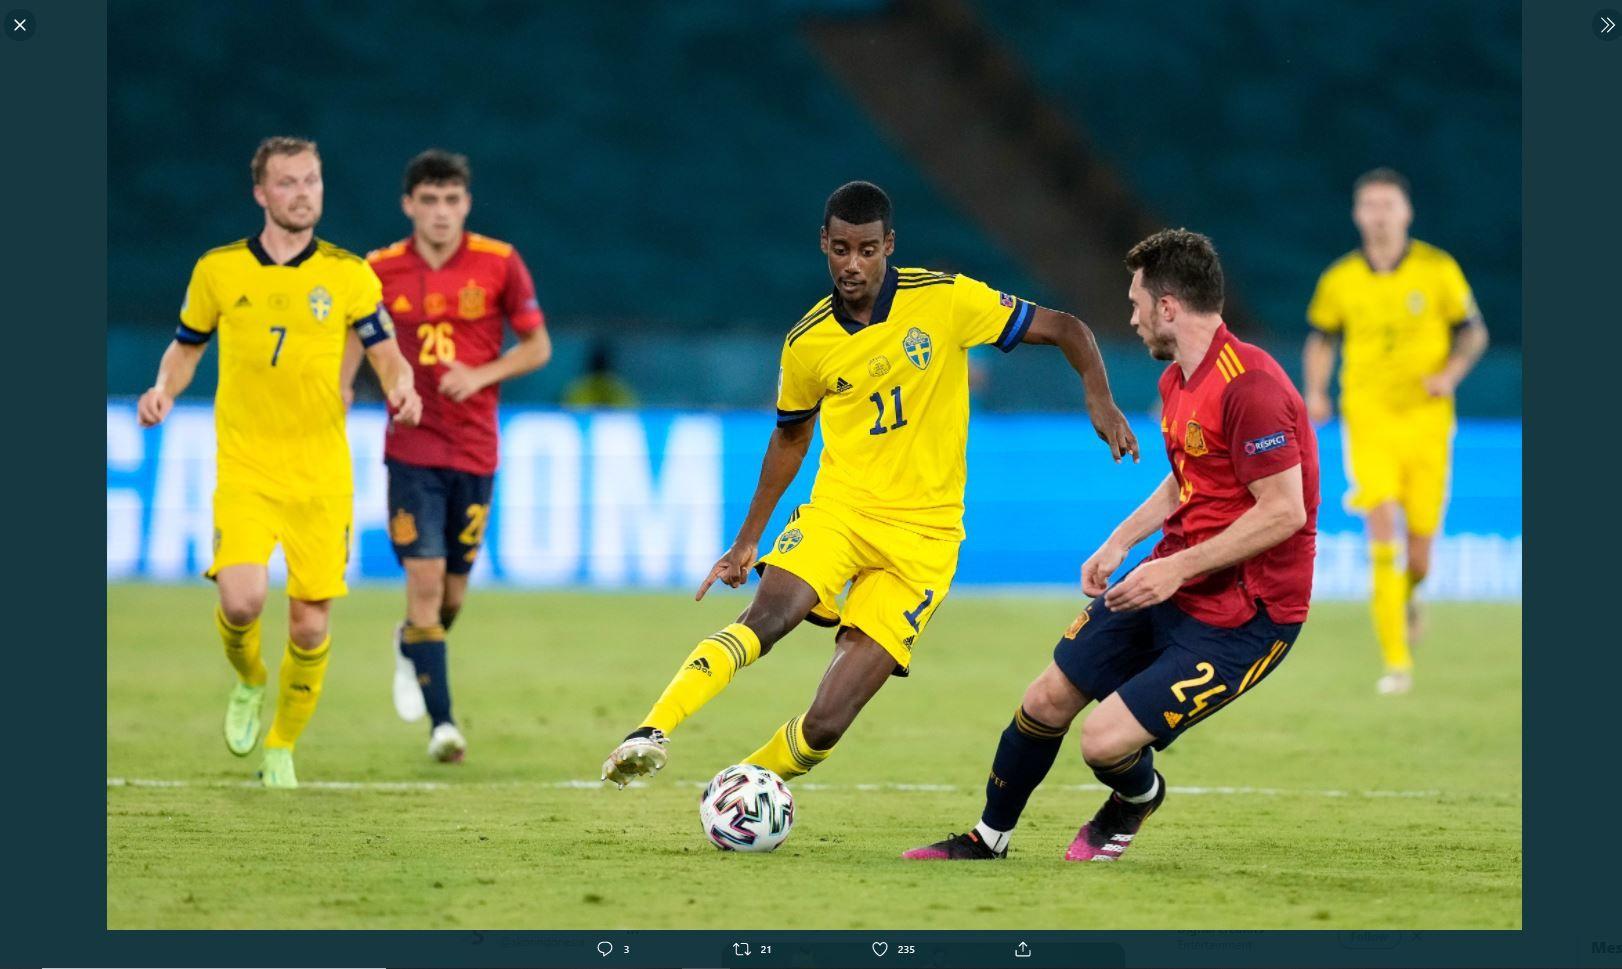 Pemain Swedia, Alexander Isak, mencoba melewati kawalan pemain Spanyol, pada pertandingan Piala Eropa 2020 (Euro 2020).